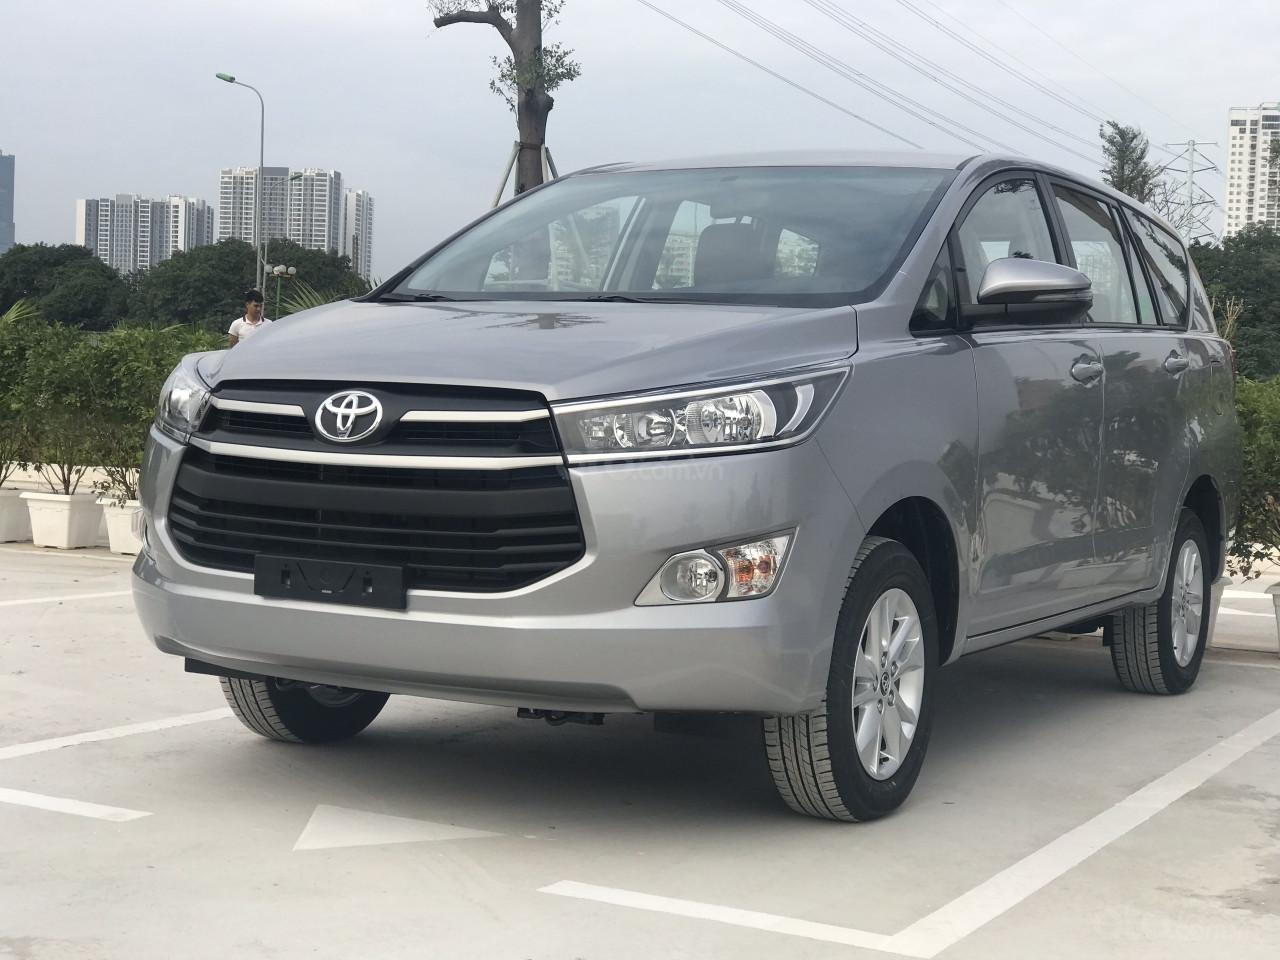 Toyota Innova 2019 số sàn - khuyến mãi lớn, trừ tiền và phụ kiện - Trả góp từ 6tr/tháng. LH 0942.456.838 (5)